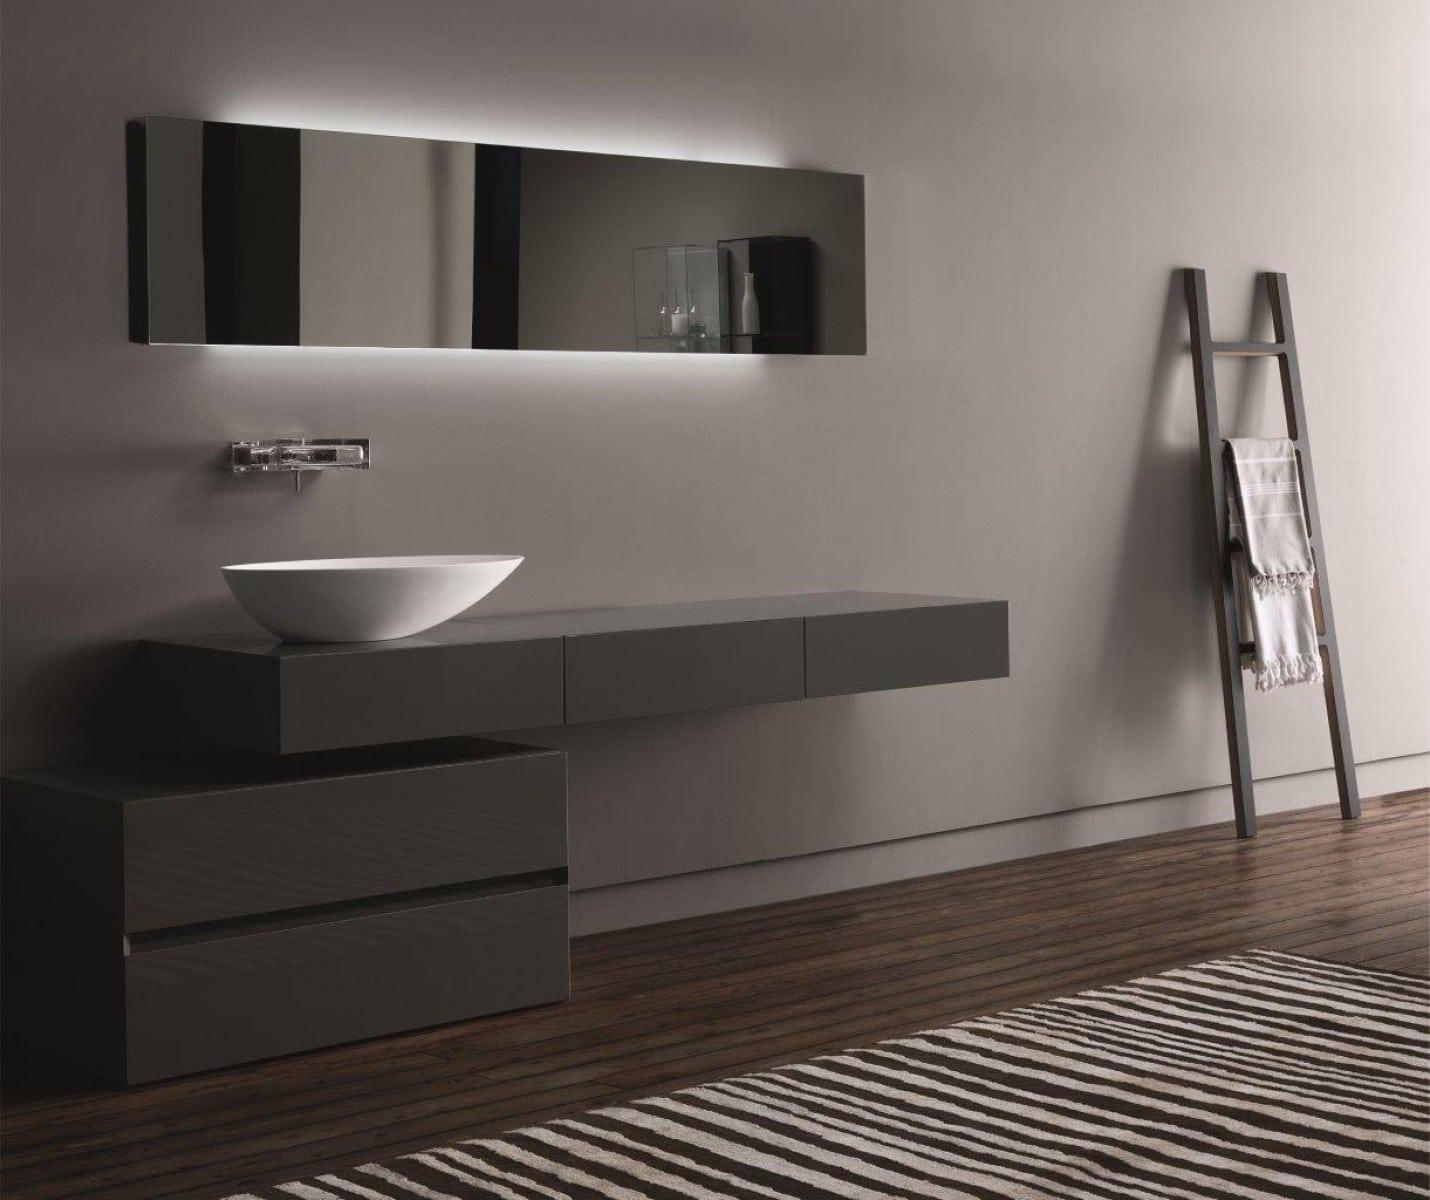 Ba os diseno imagenes for Diseno de dormitorios modernos